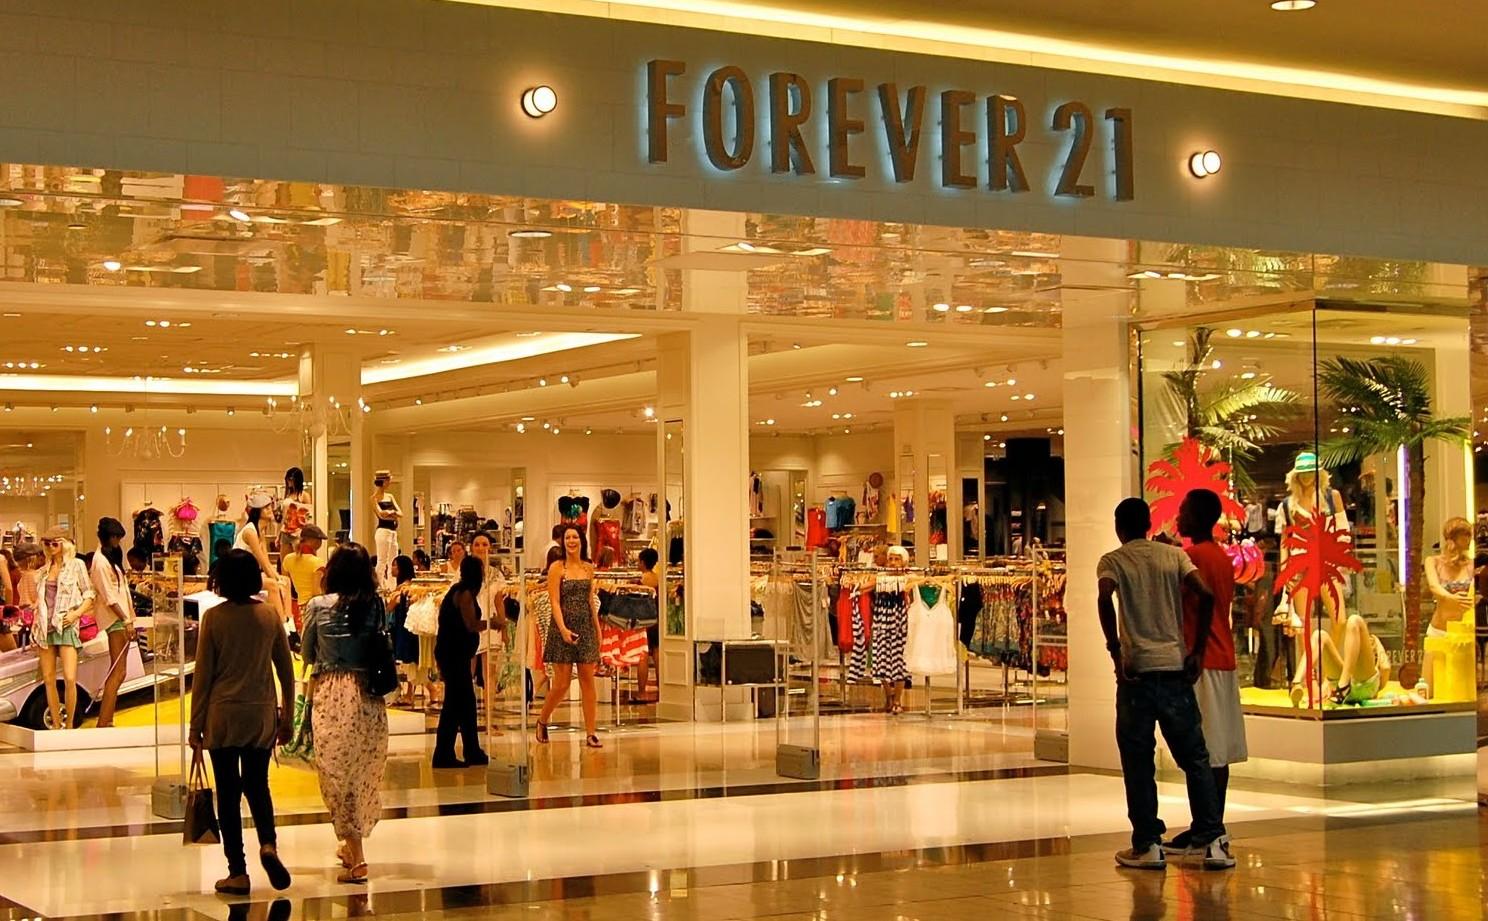 Os bastidores da Forever 21 no Brasil